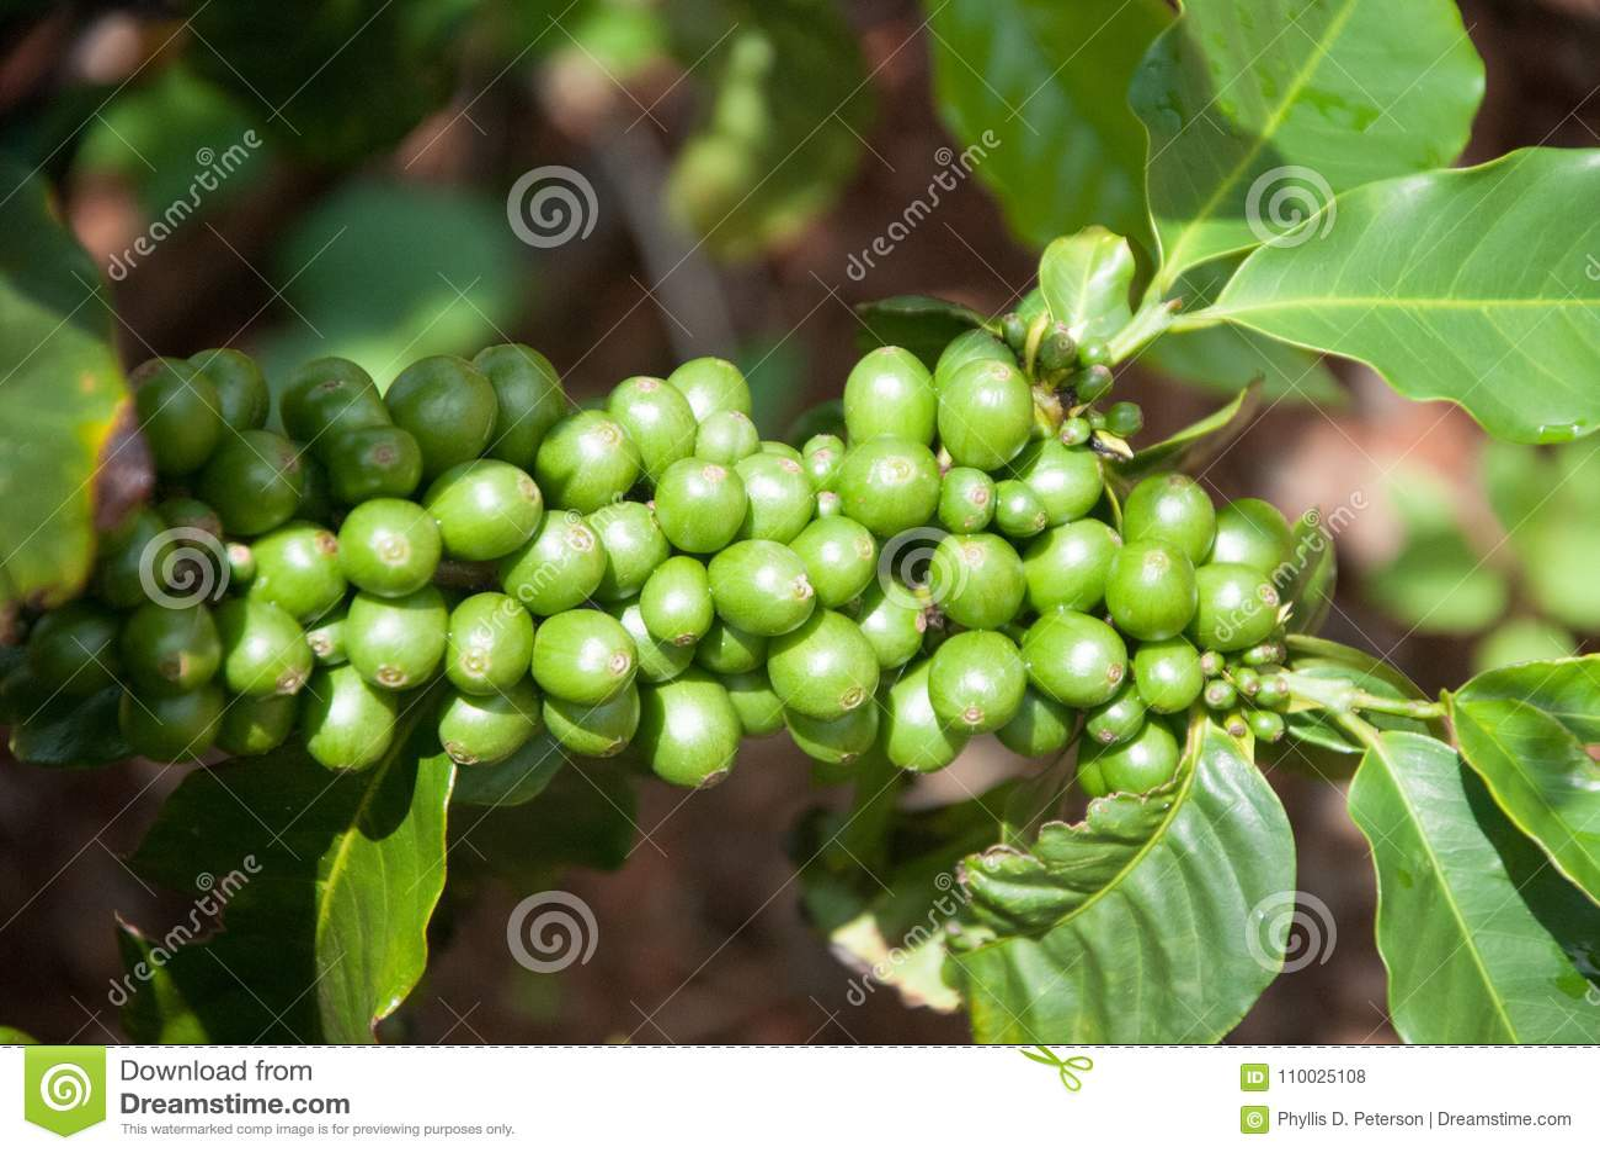 green coffee farm hawaii